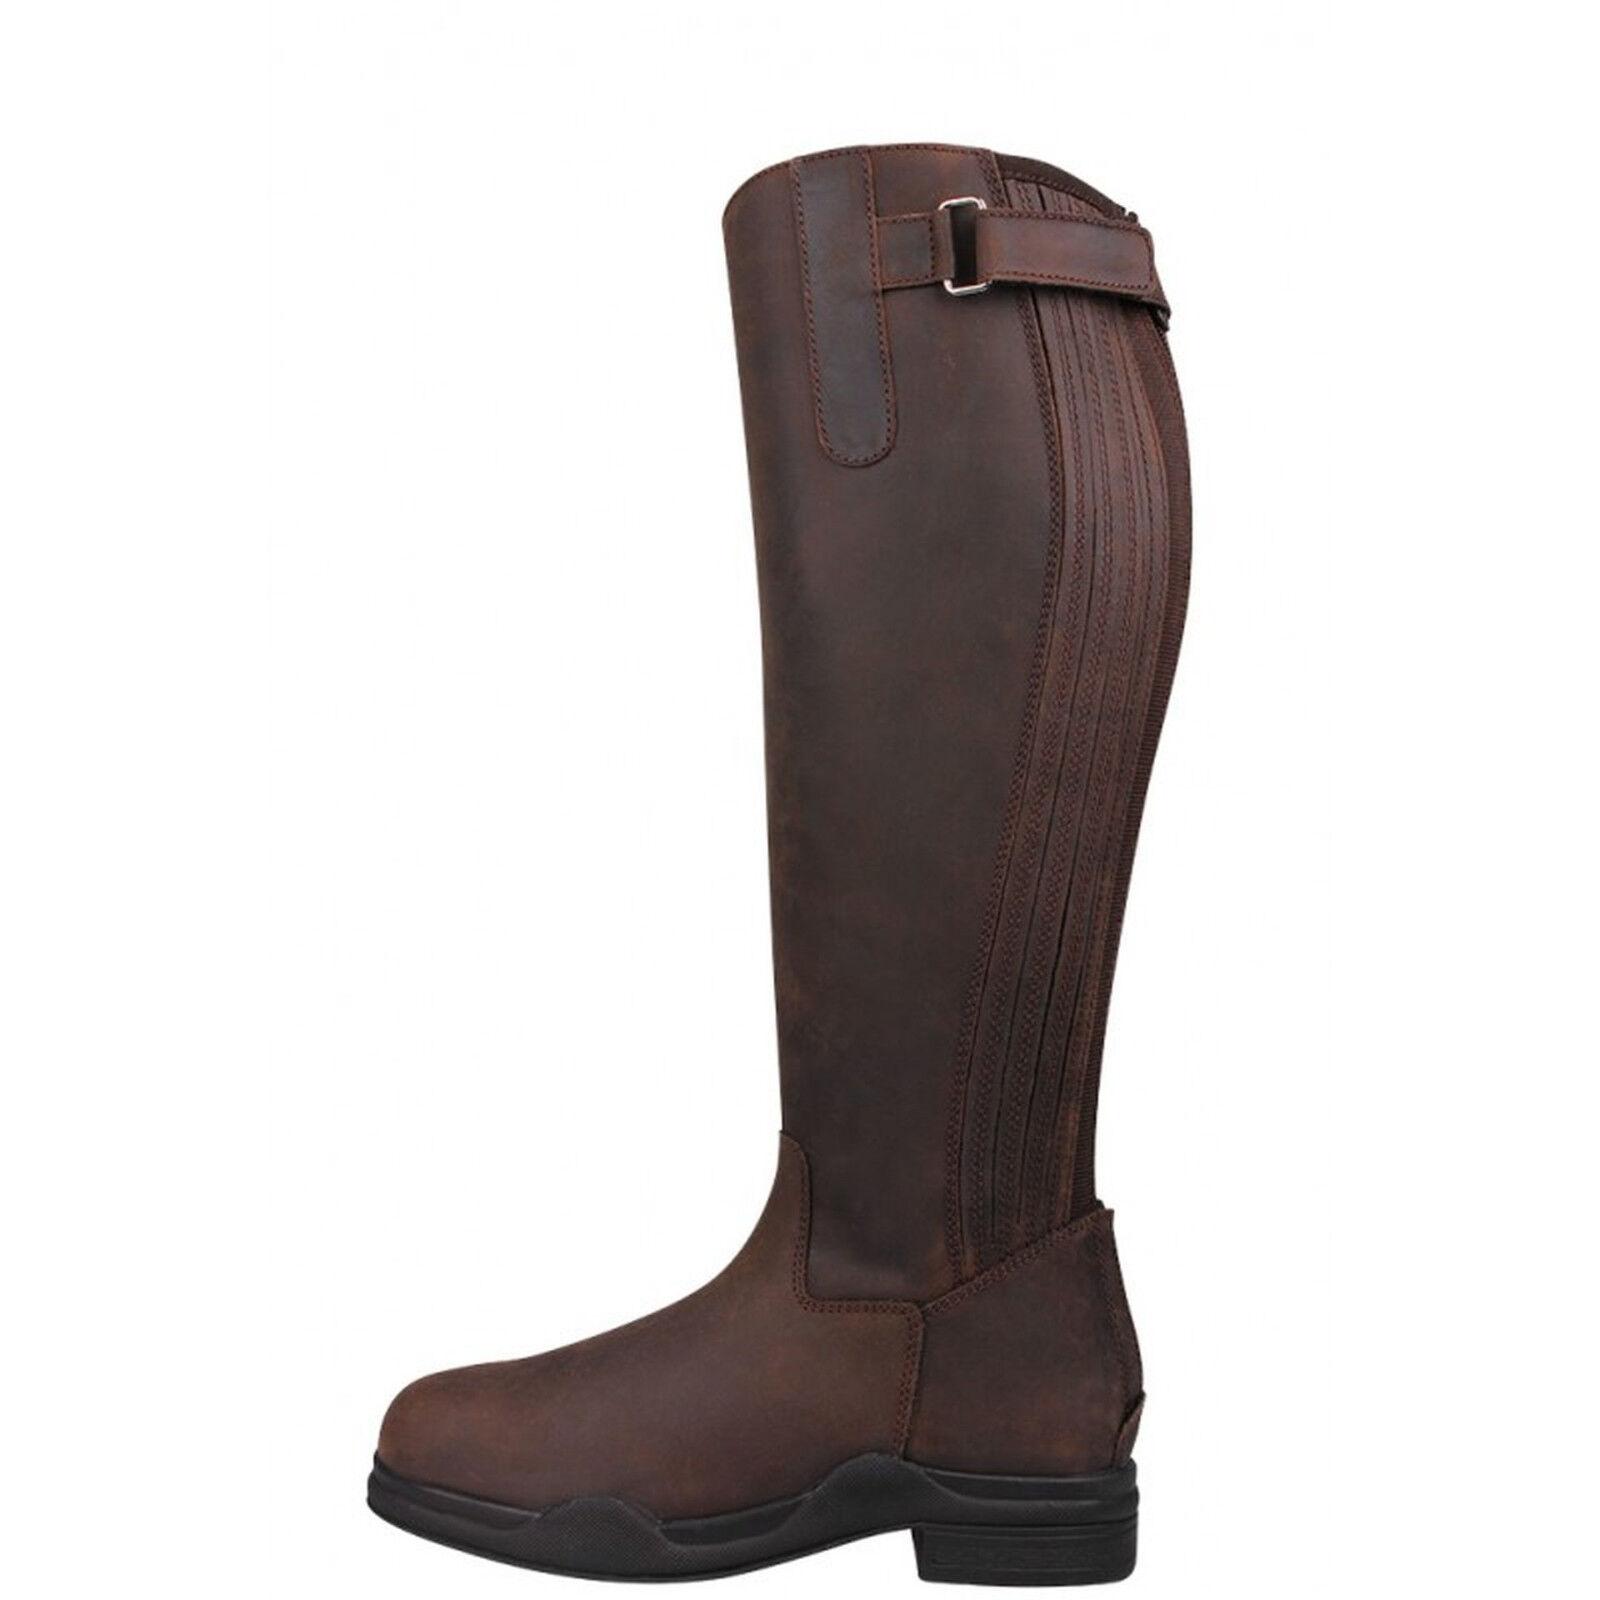 QHP damen Leather Riding Stiefel Lyn Summer Leather Dark braun Größe 38 + 39